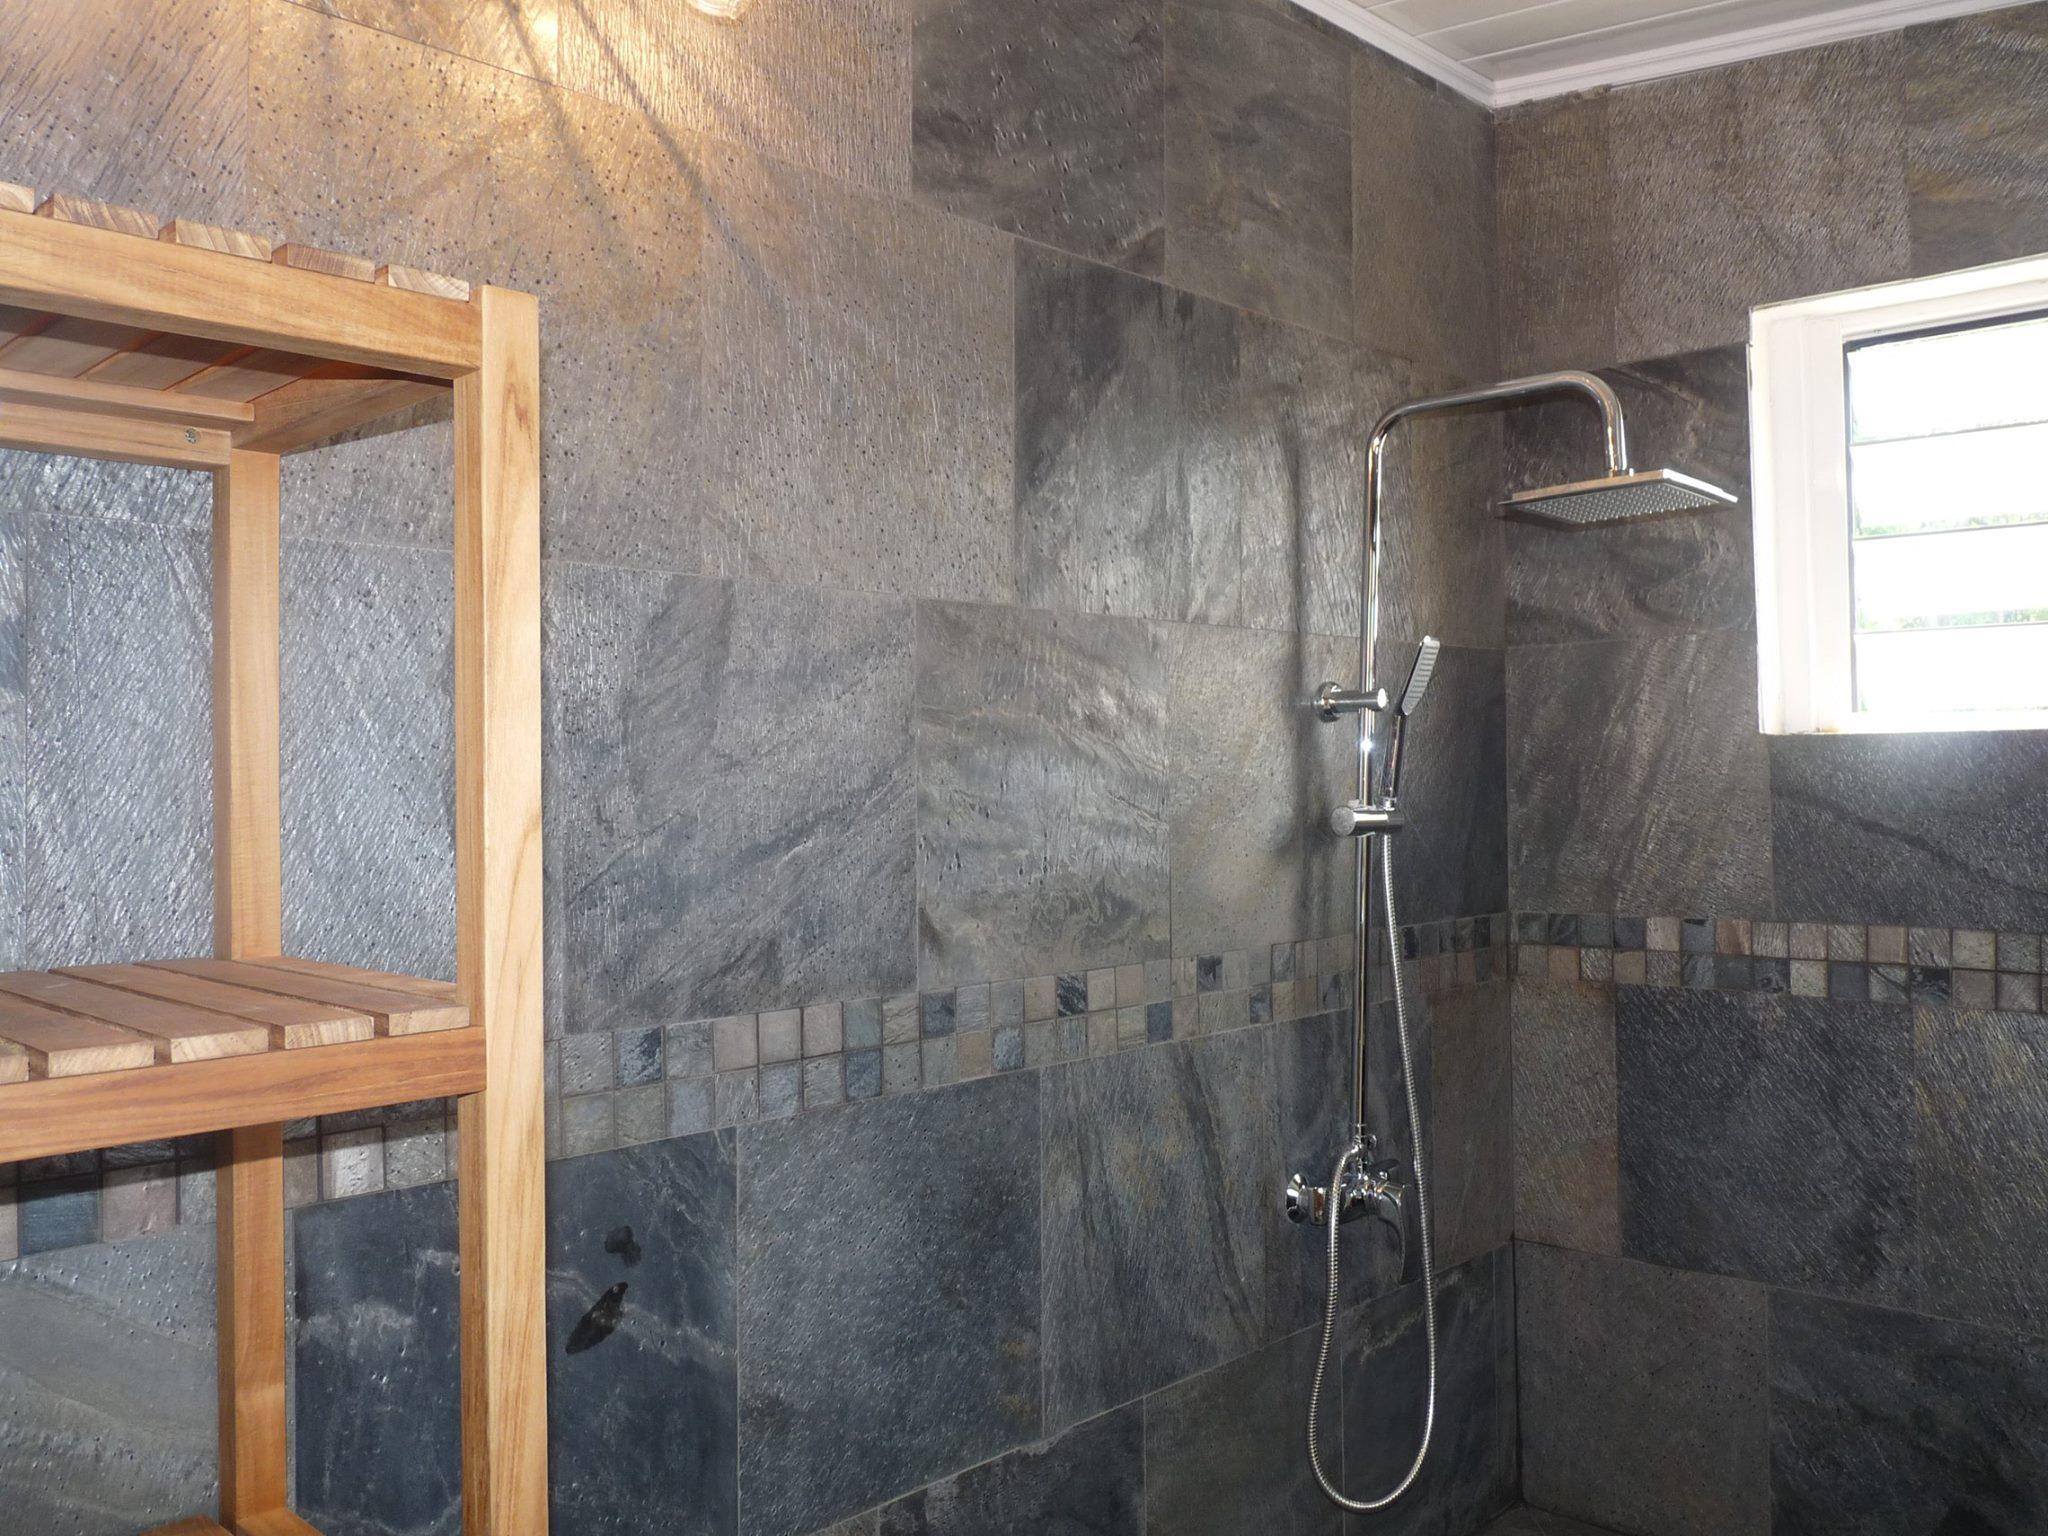 Pierre Naturelle Salle De Bain salle de bain quartzite | nature energy : la pierre